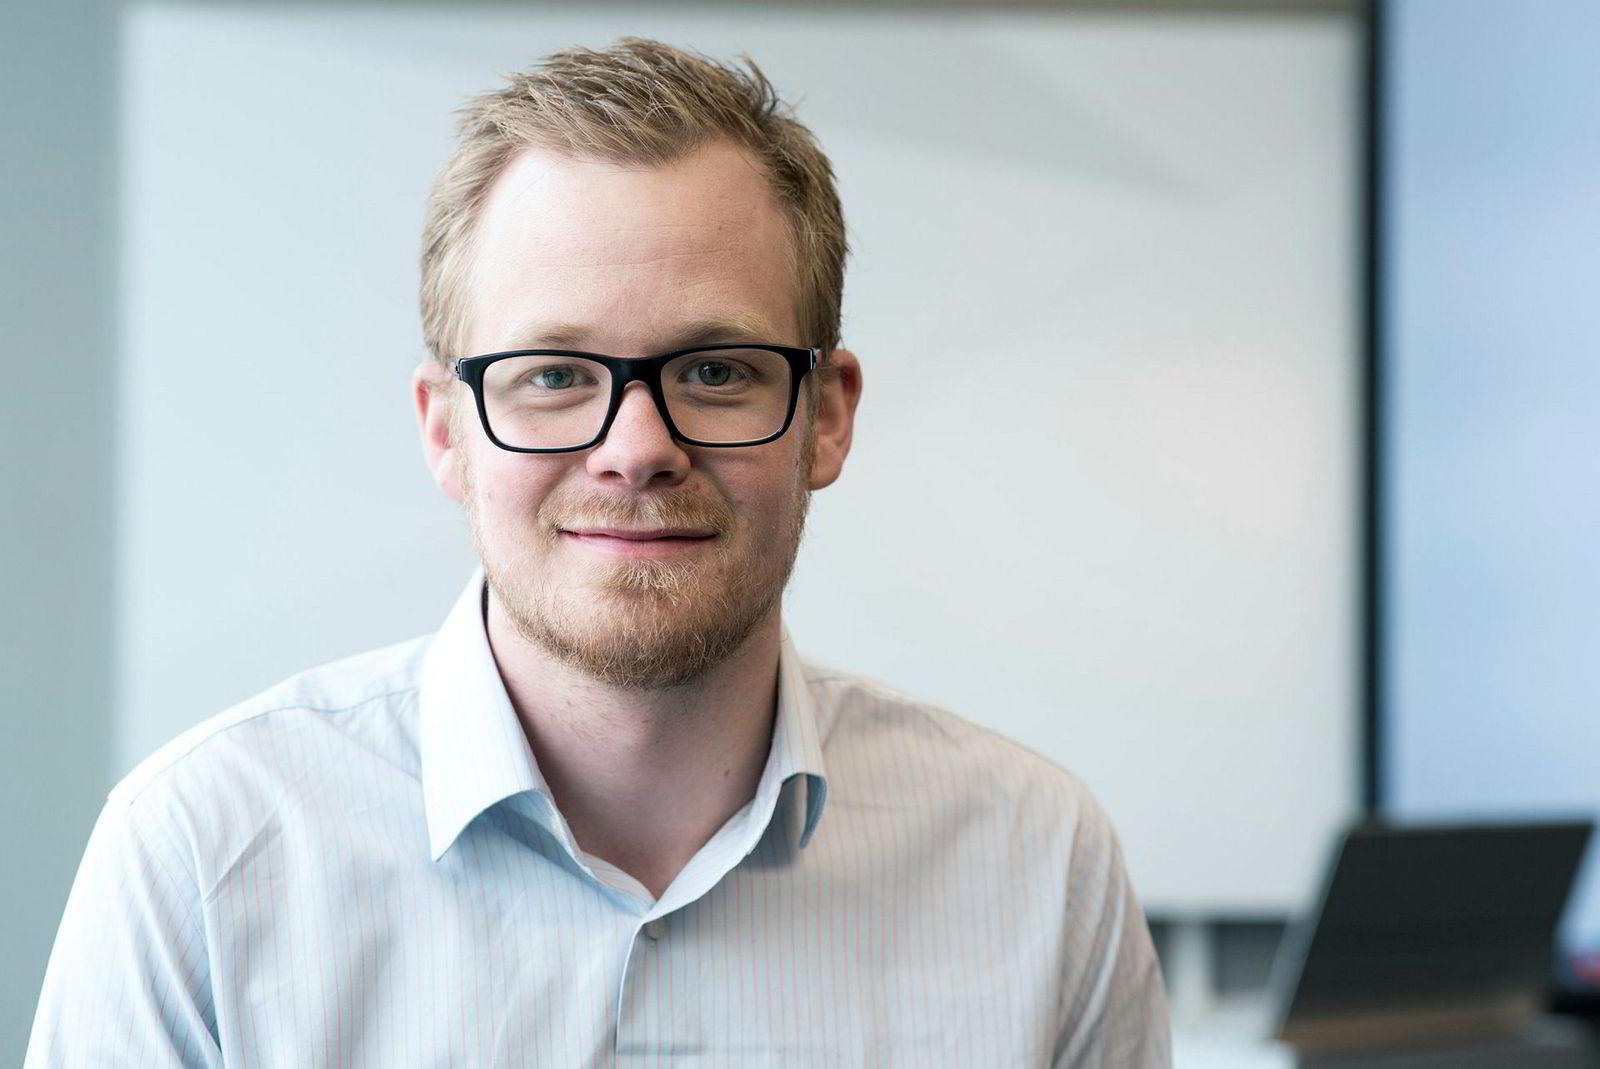 Knut Lønskog er sikkerhetsspesialist og ekspert på MindSphere hos Siemens.